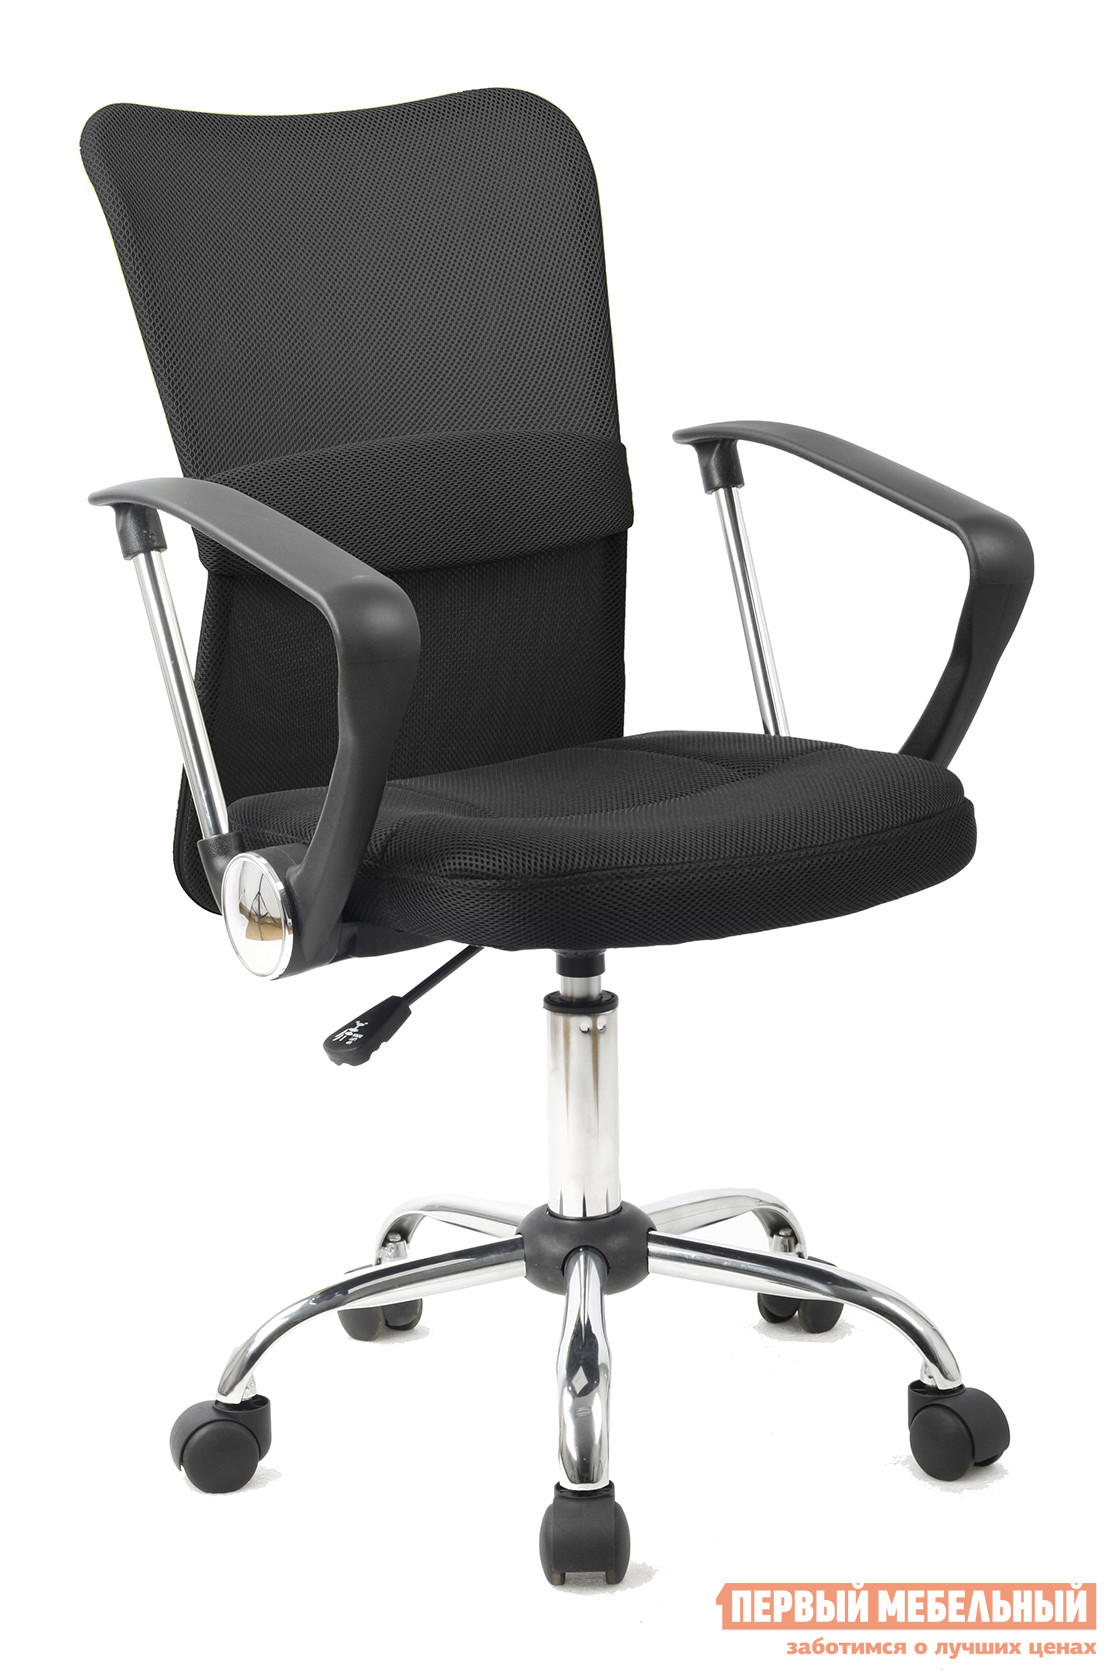 Офисное кресло College H-298FA-1-2 Черный College Габаритные размеры ВхШхГ 900 / 1000x540x510 мм. Оригинальное офисное кресло поможет снять лишнюю нагрузку со спины во время напряженного рабочего дня.  Сетчатая спинка обеспечит воздухопроницаемость и комфорт. <br>Кресло оборудовано механизмом качания Топ-ган с регулировкой под вес и фиксацией в вертикальном положении. </br>Высота кресла регулируется от 900 до 1000 мм. <br>Обивка выполнена из износоустойчивой акриловой сетки. <br></br>Корпус изготовлен из ударопрочного экологически чистого пластика с хромированными деталями. </br>Крестовина выполнена из хромированного металла. </br>Кресло рассчитано на максимальный вес 120 кг. <br>